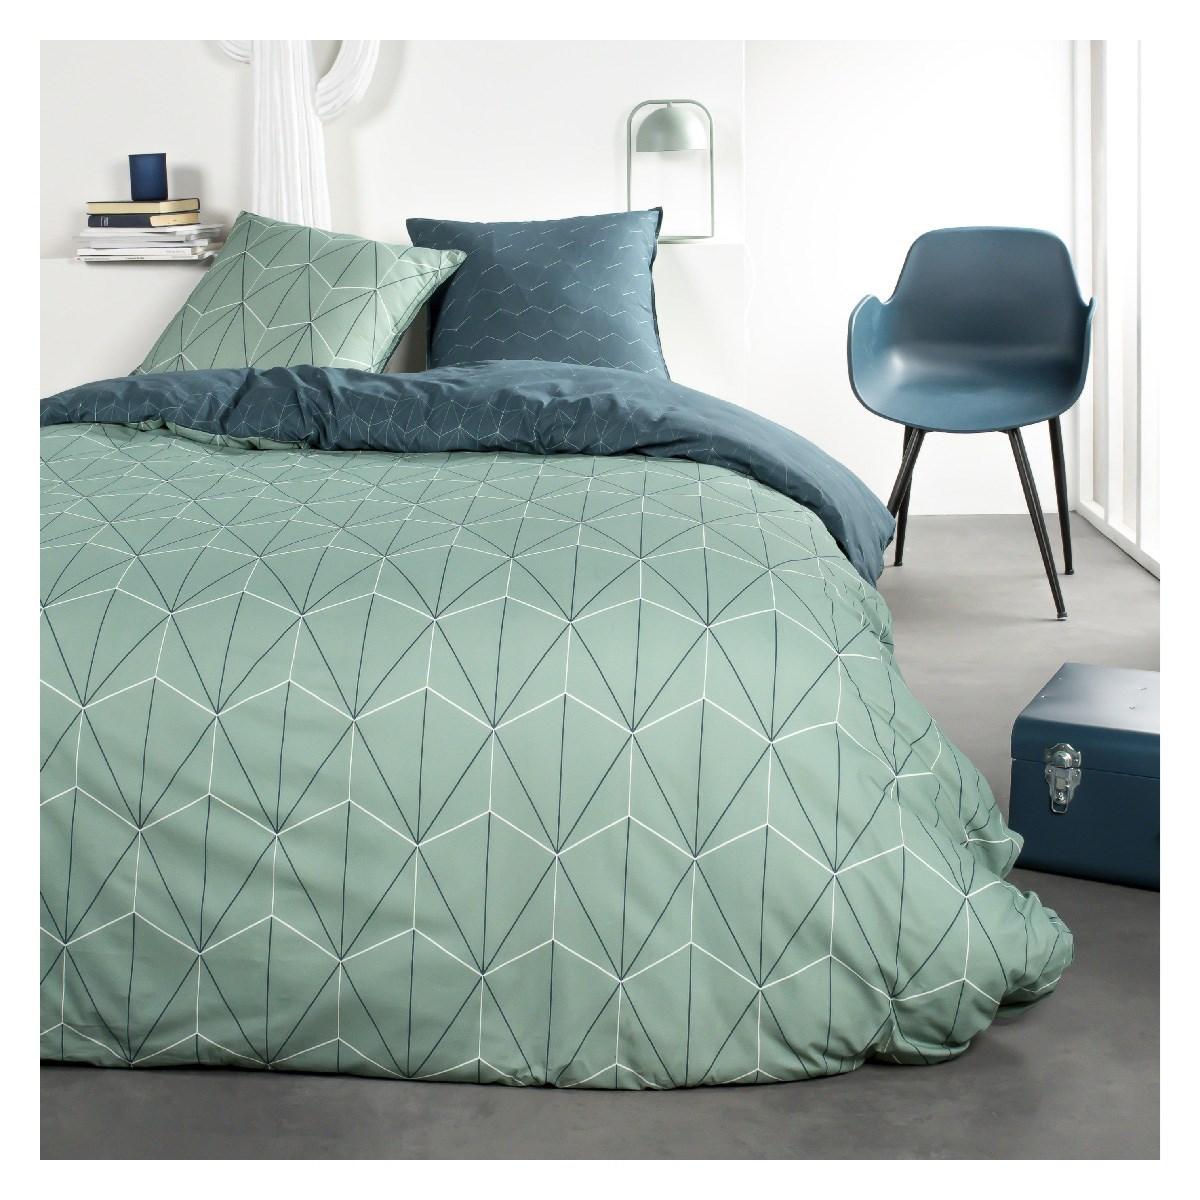 Parure de lit 2 personnes imprimé en Coton Bleu 240x260 cm